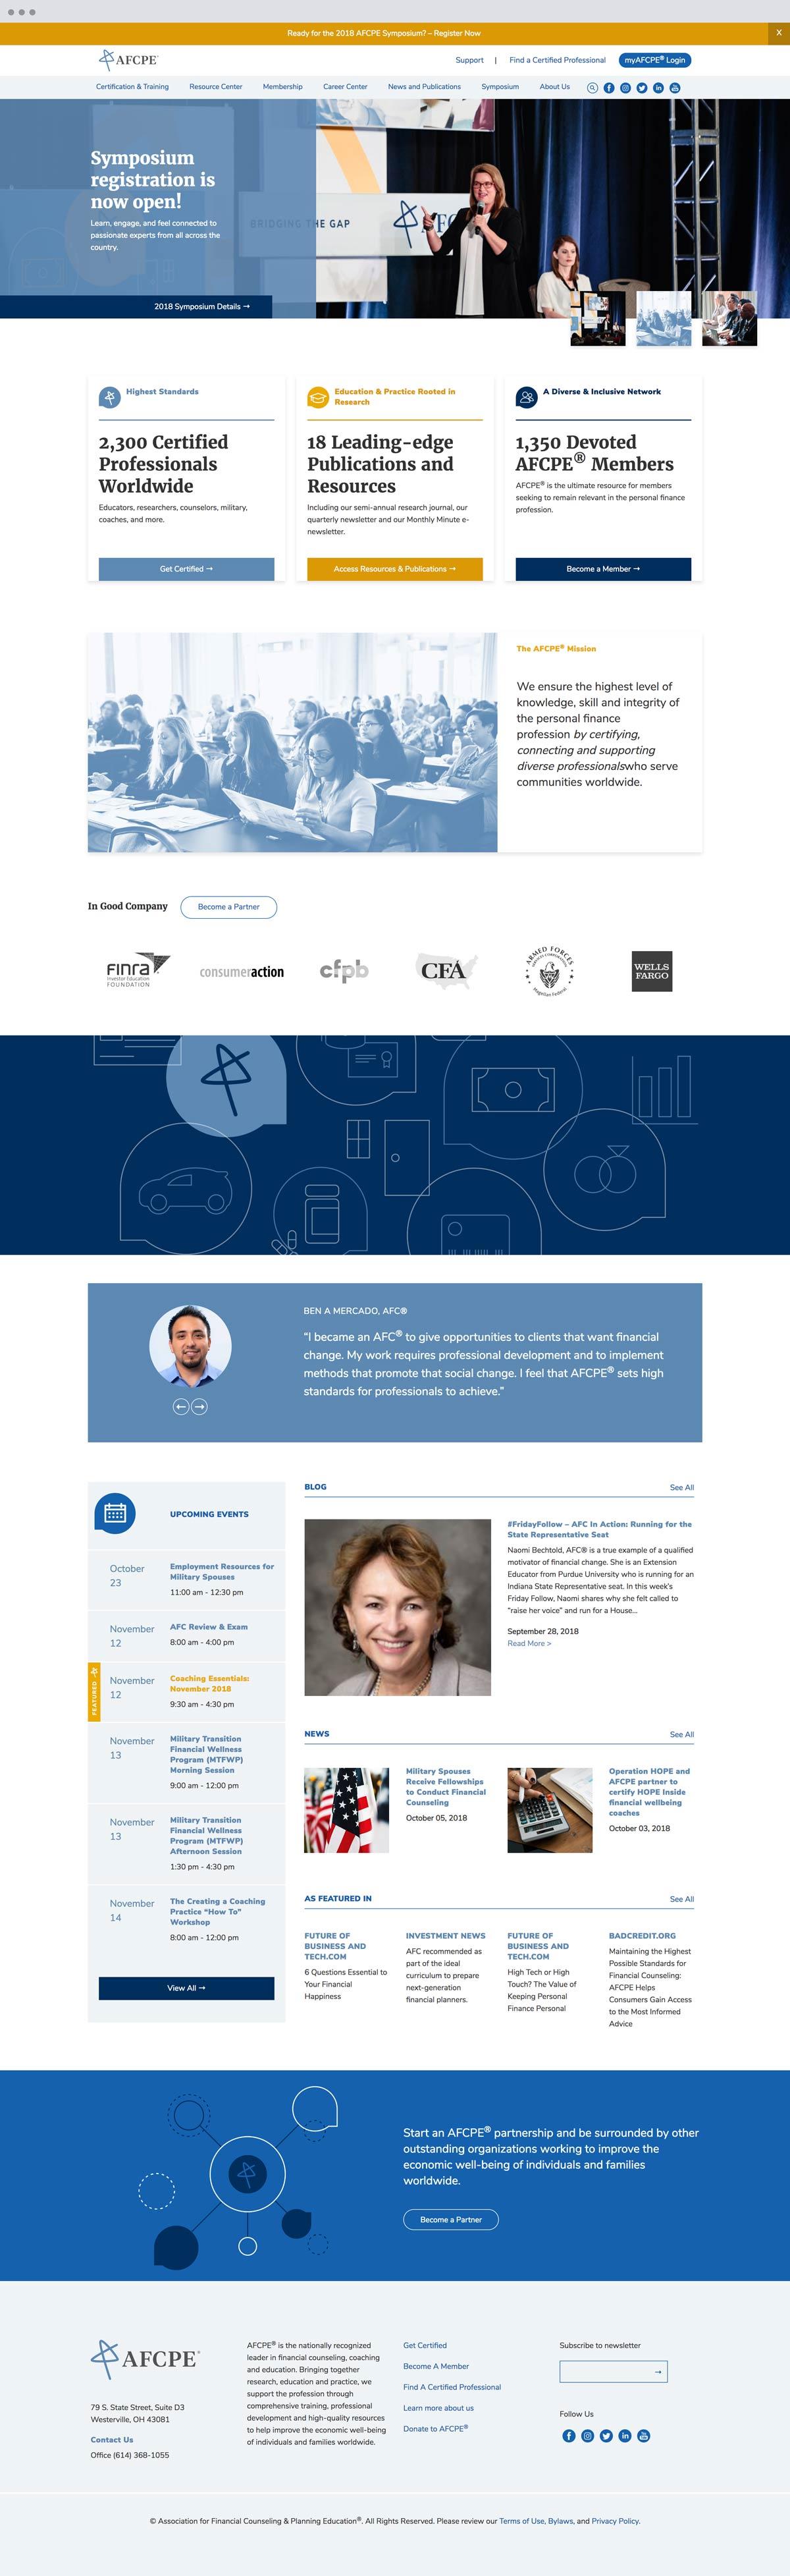 danielle-williams-columbus-ohio-design-afcpe-website.jpg